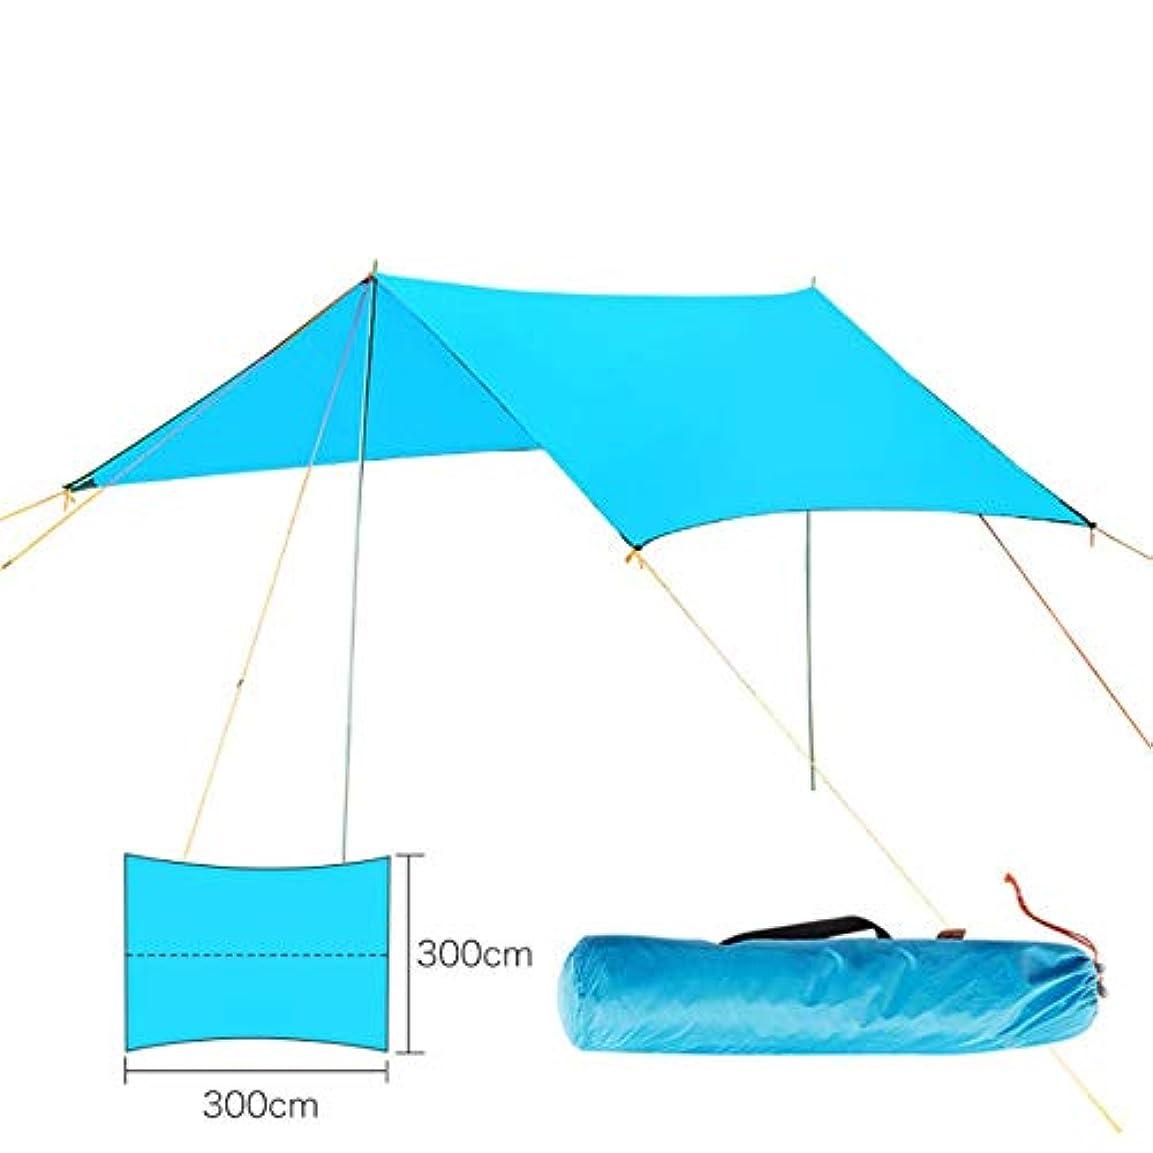 常習的アラームアプローチOkiiting 屋外旅行テント9.8x9.8ft紫外線保護防水強風ウェアラブルポータブルテント品質保証 うまく設計された (色 : 青, サイズ : Free size)